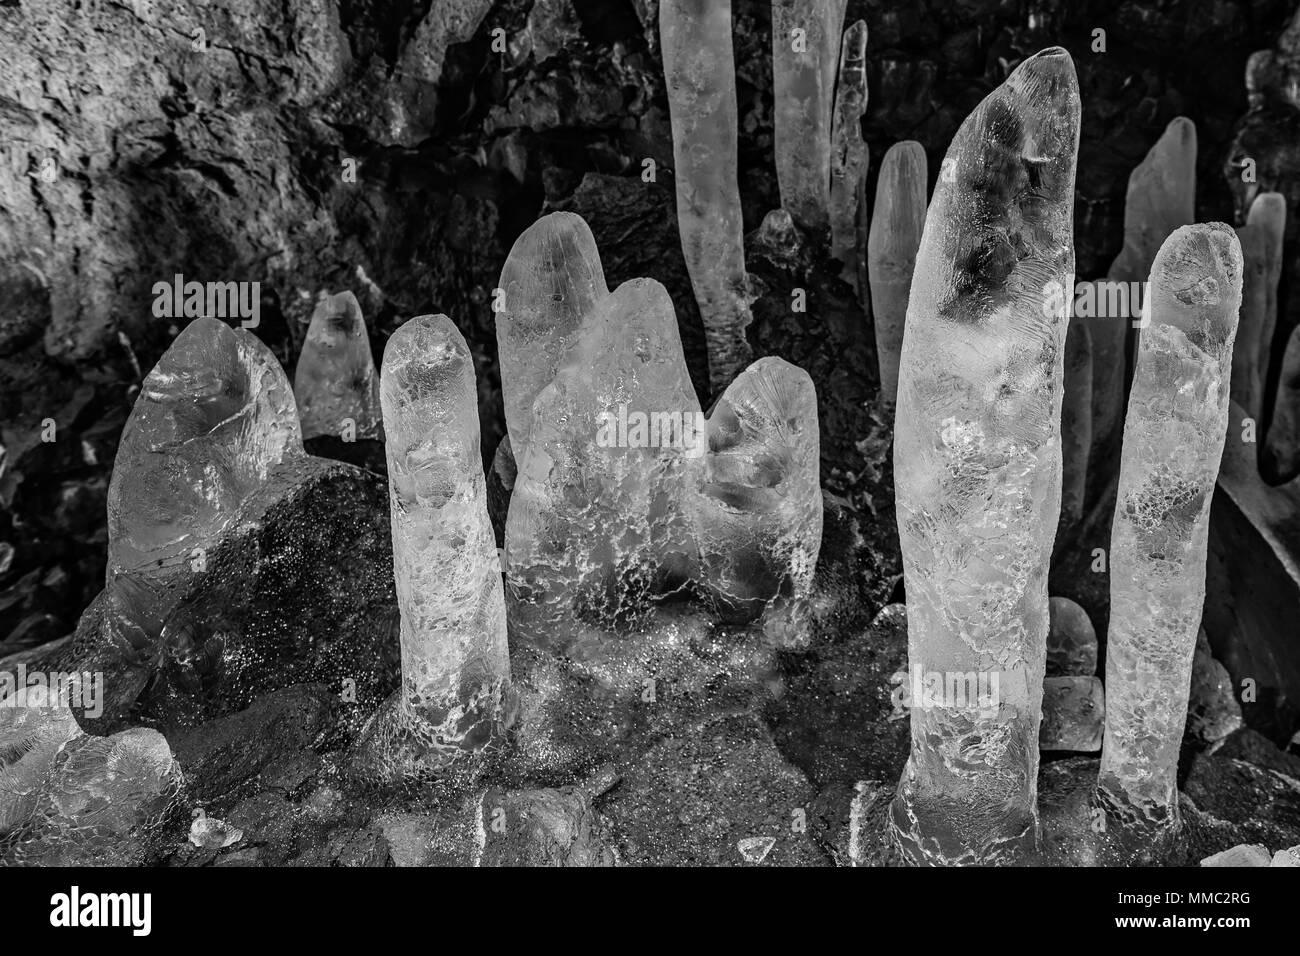 Estalagmitas de hielo en los túneles de lava Raufarholshellir cueva en el sur de Islandia Foto de stock